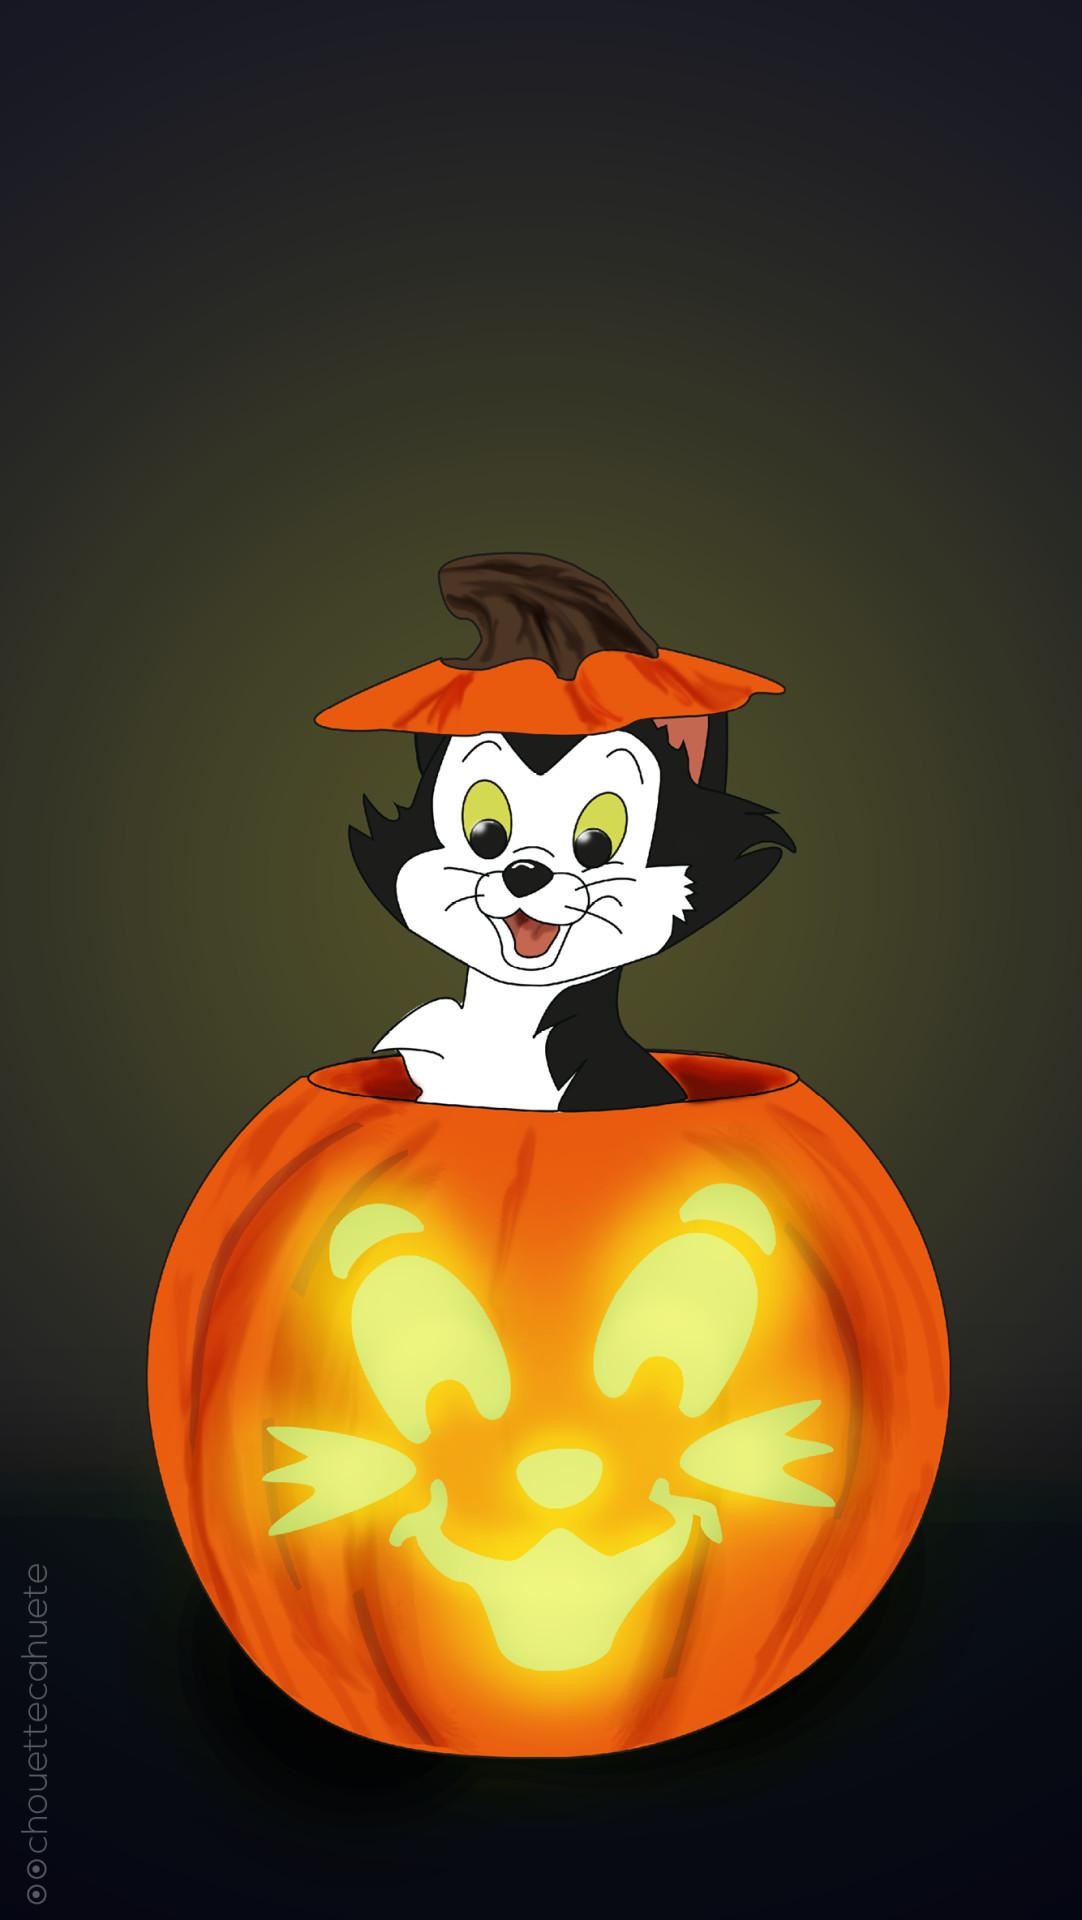 Disney halloween backgrounds 71 images - Disney halloween images ...